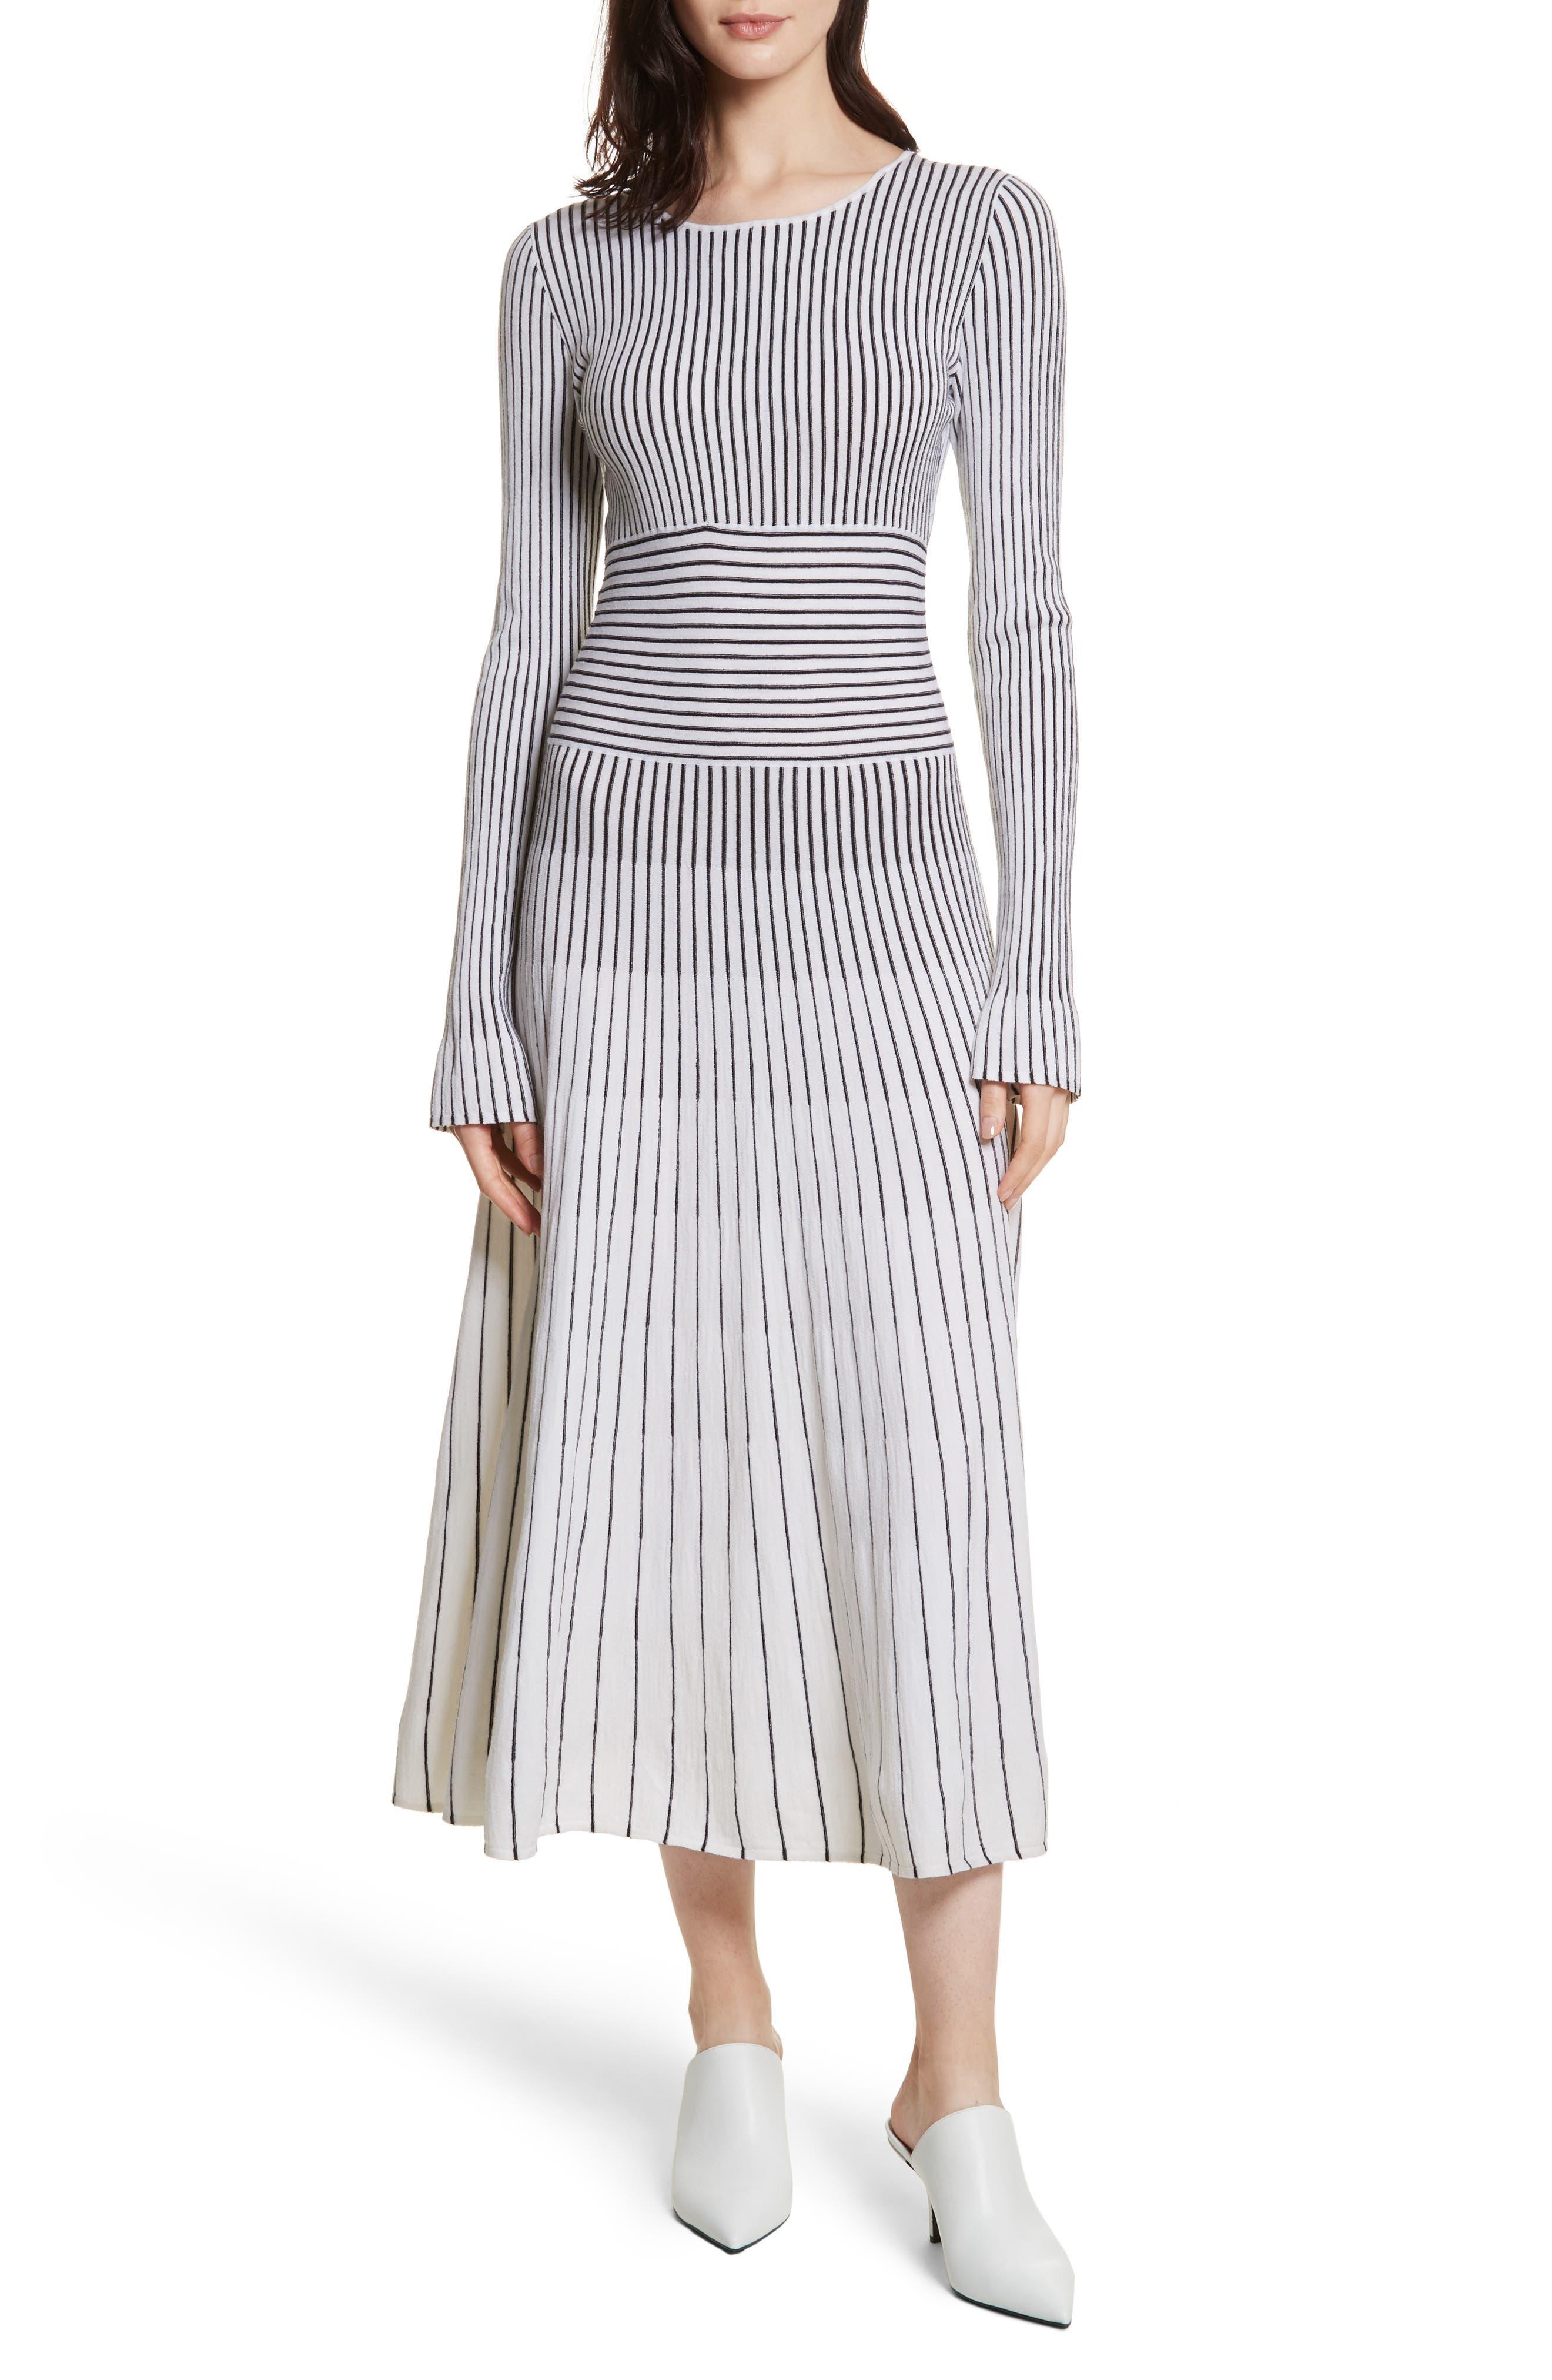 Sheridan Stripe Knit Midi Dress,                             Main thumbnail 1, color,                             Ivory/ Black